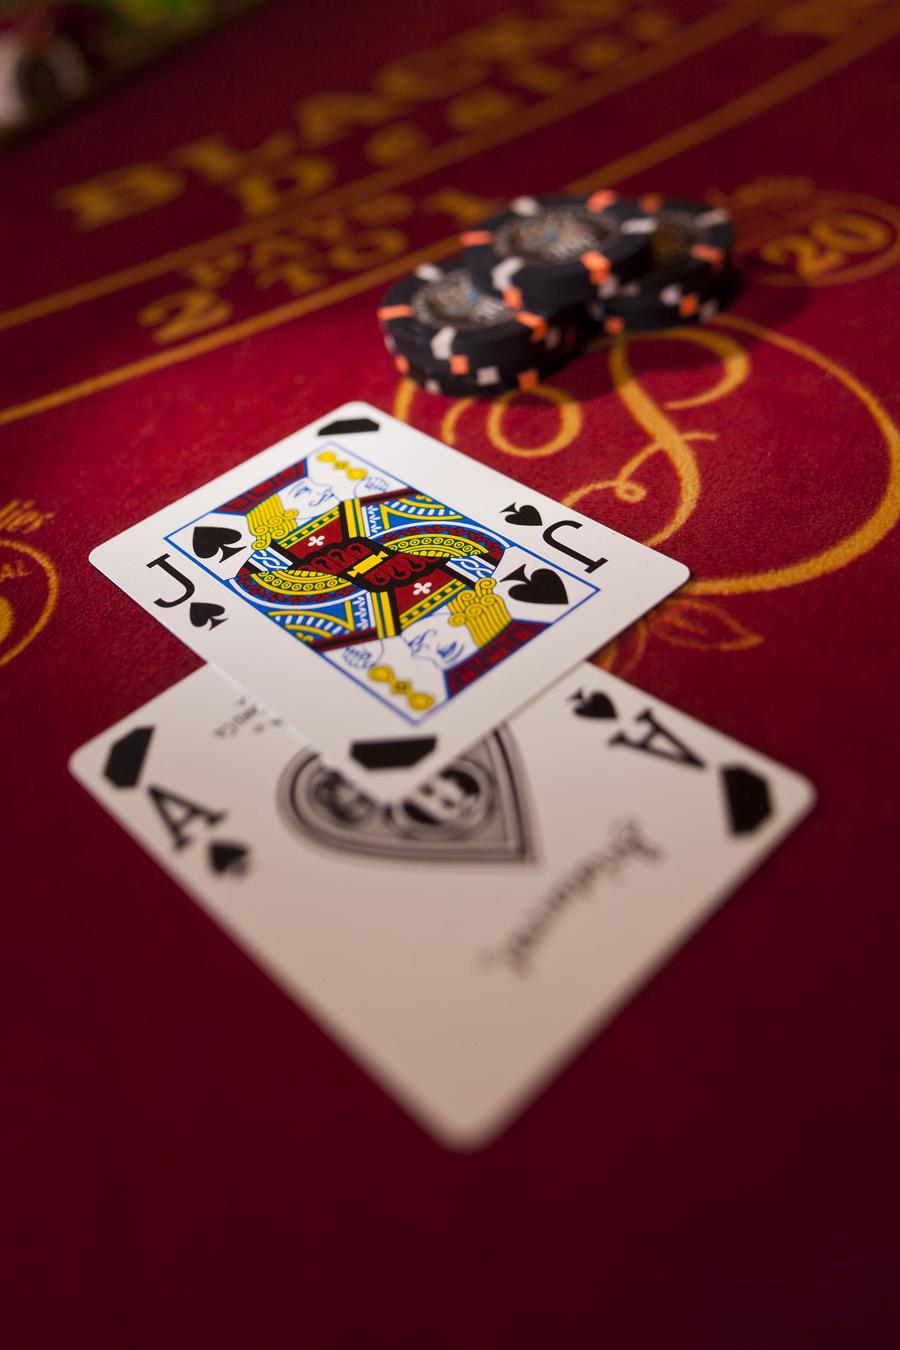 Choisir l'application pour jouer au blackjack